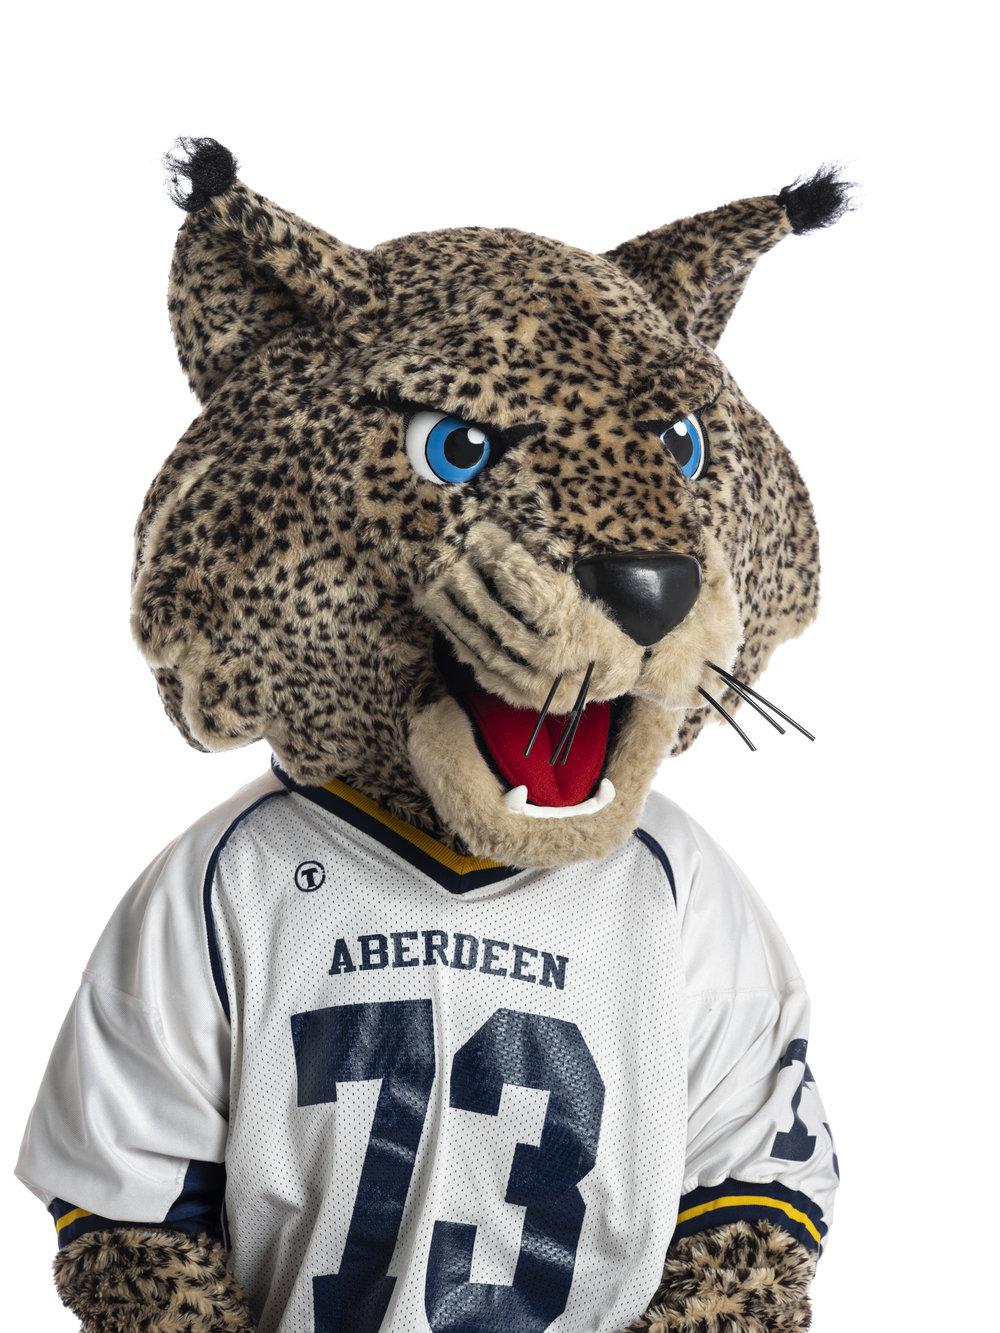 Aberdeen High Bobcats